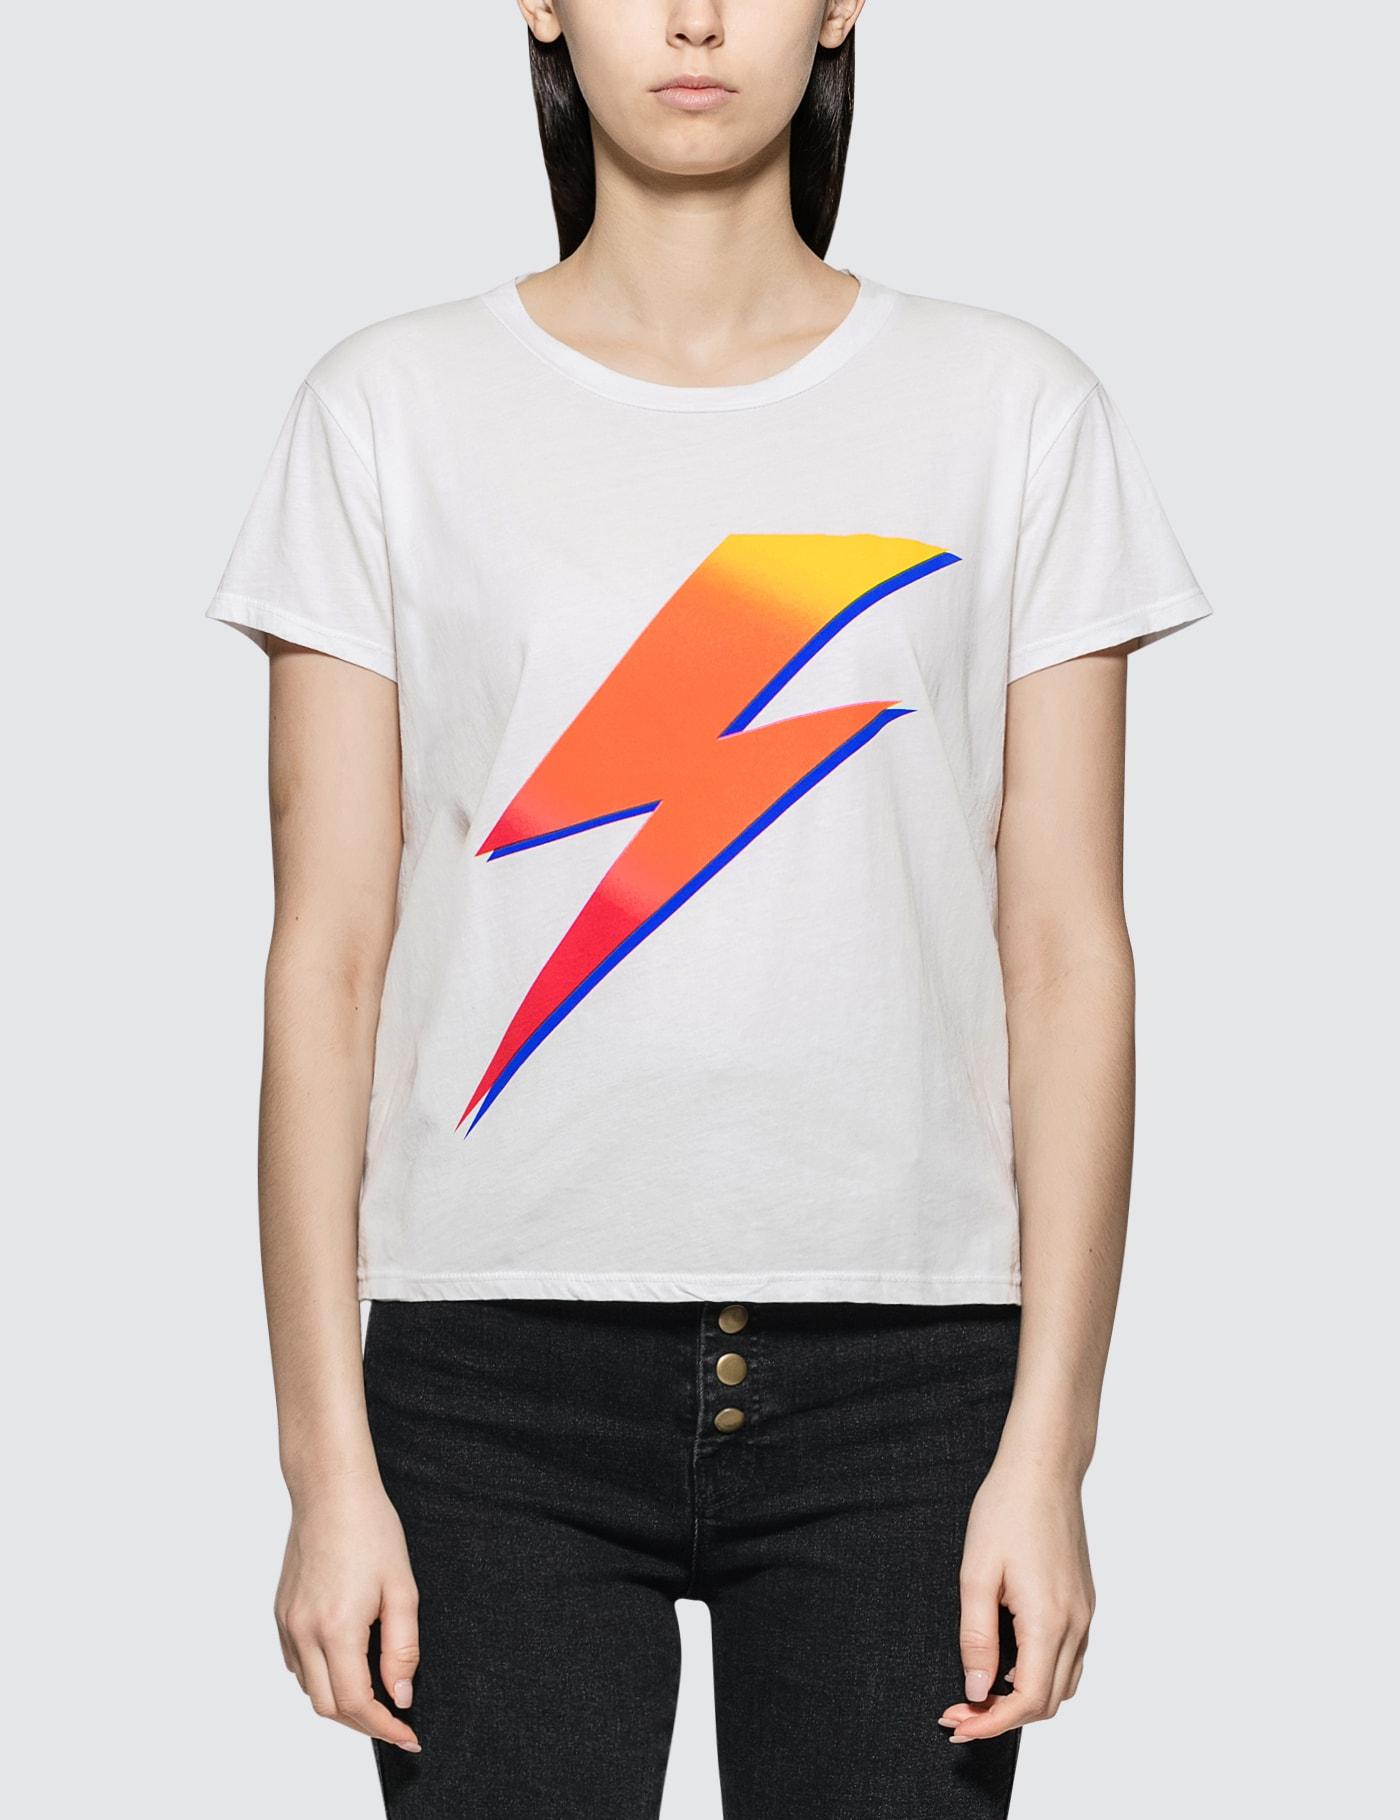 Bolt Short Sleeve T-shirt